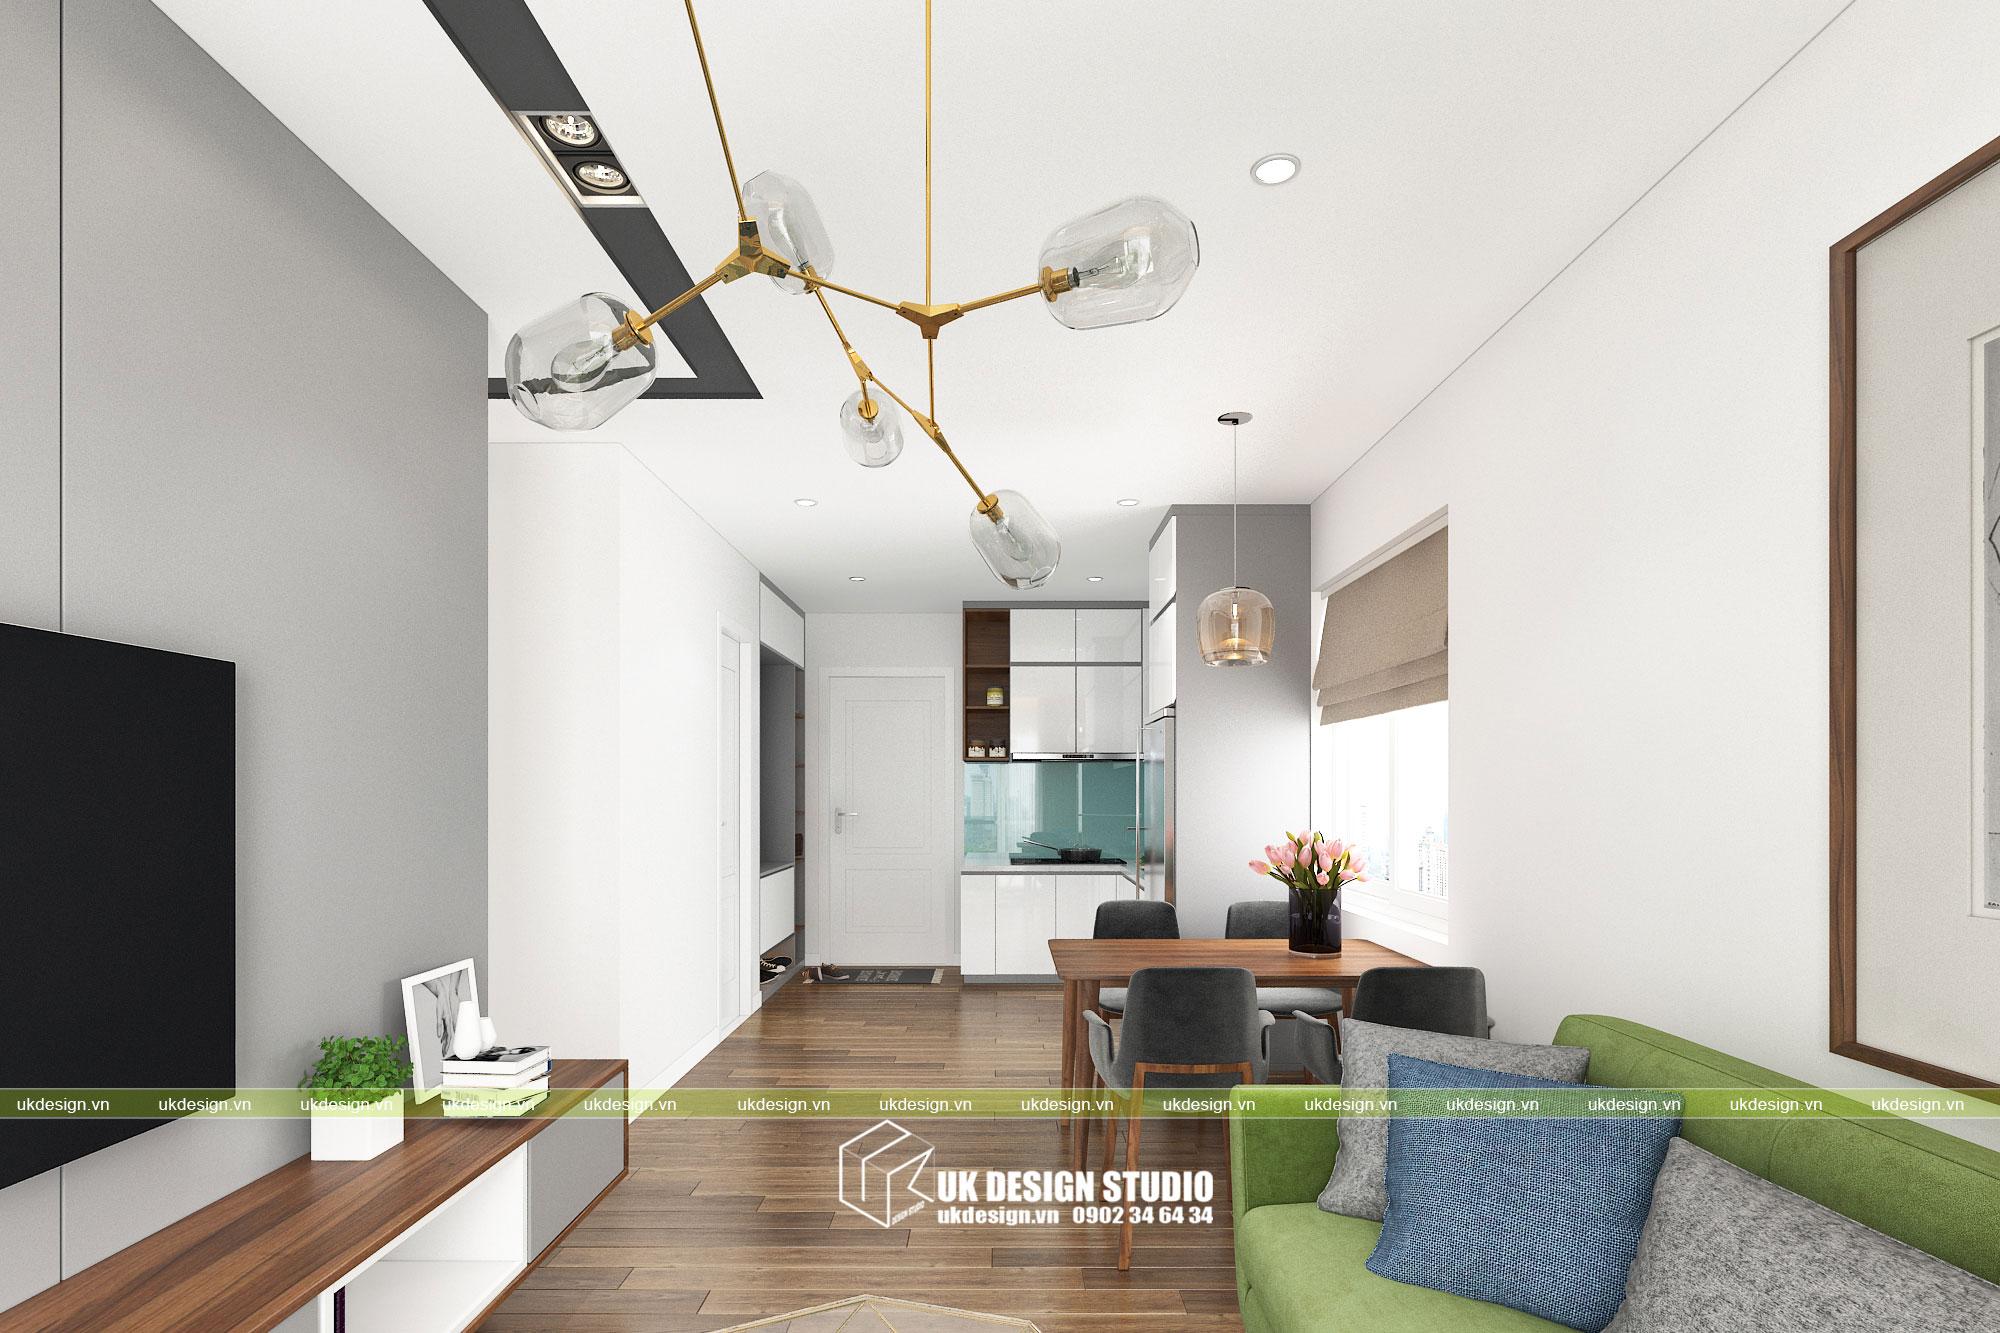 Thiết kế nội thất căn hộ 2 phòng ngủ 3